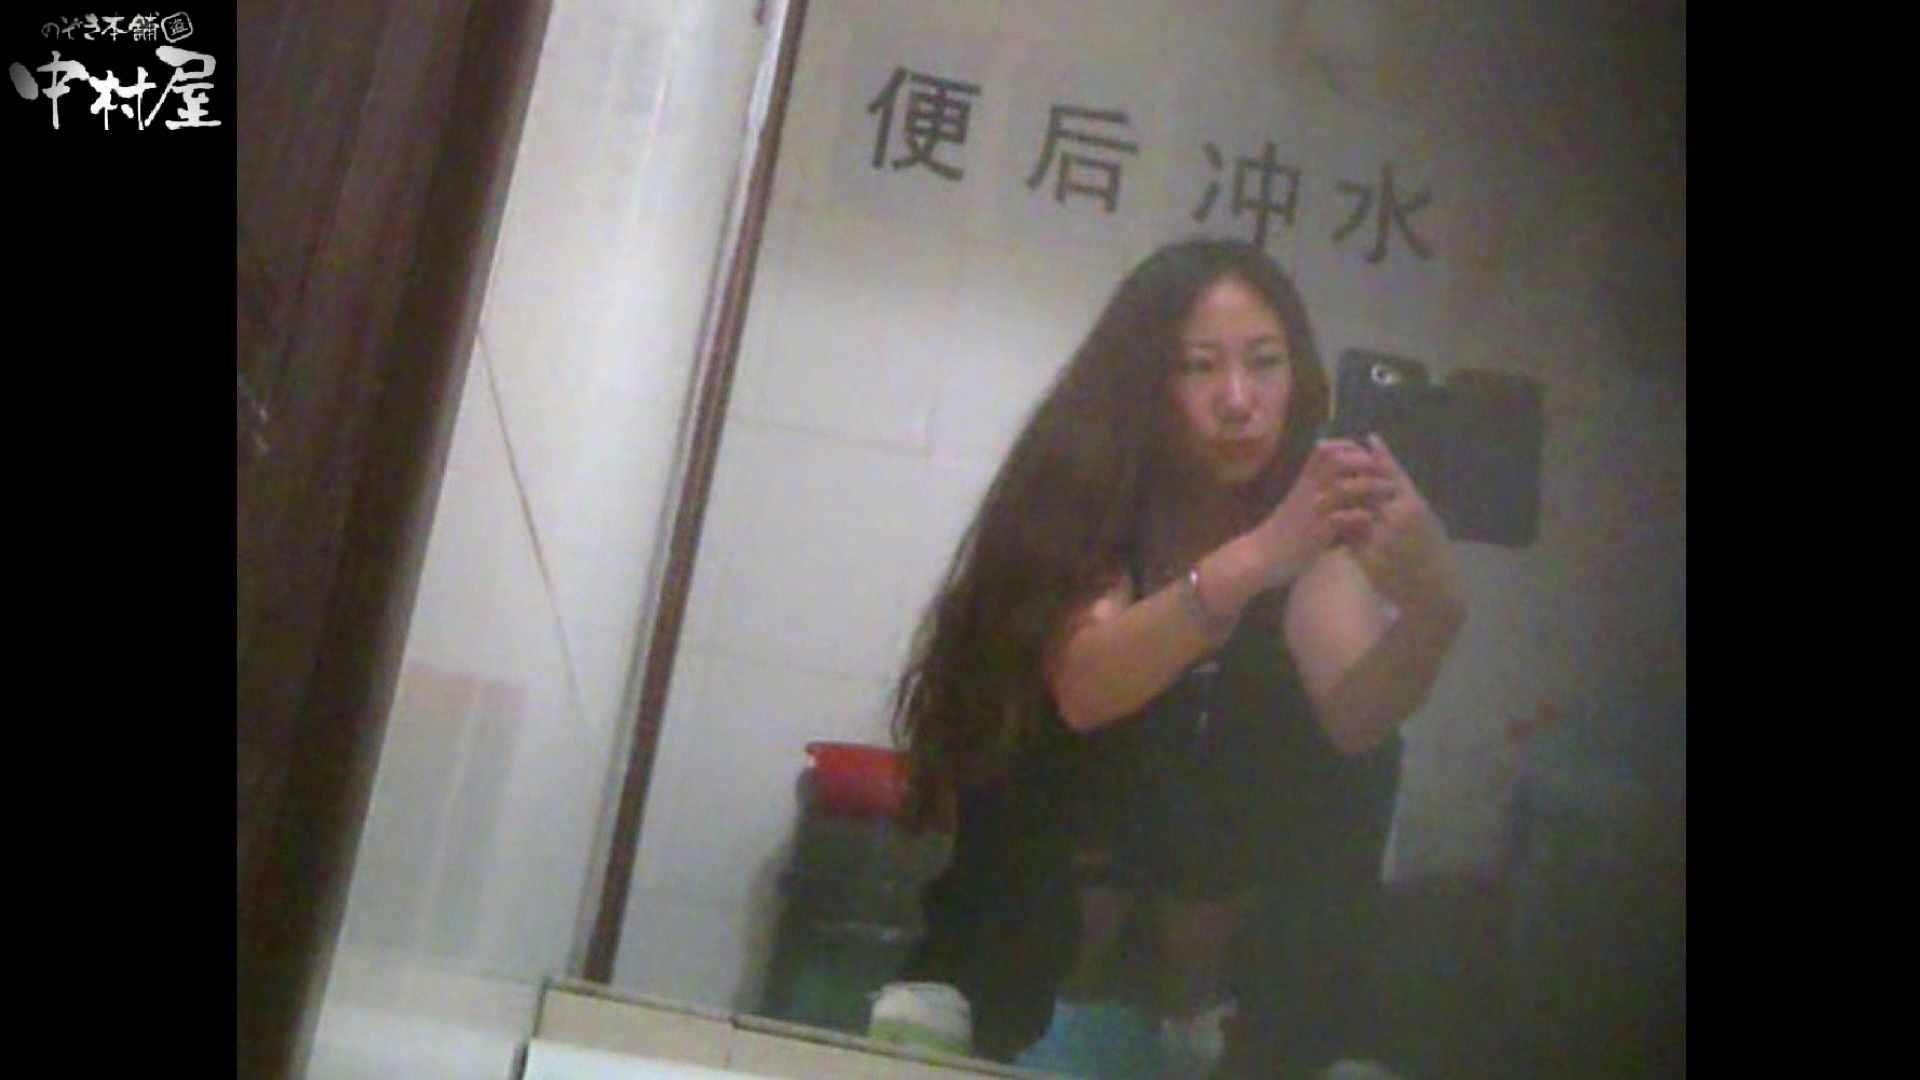 李さんの盗撮日記 Vol.03 ギャルエロ画像 オマンコ無修正動画無料 29PICs 27